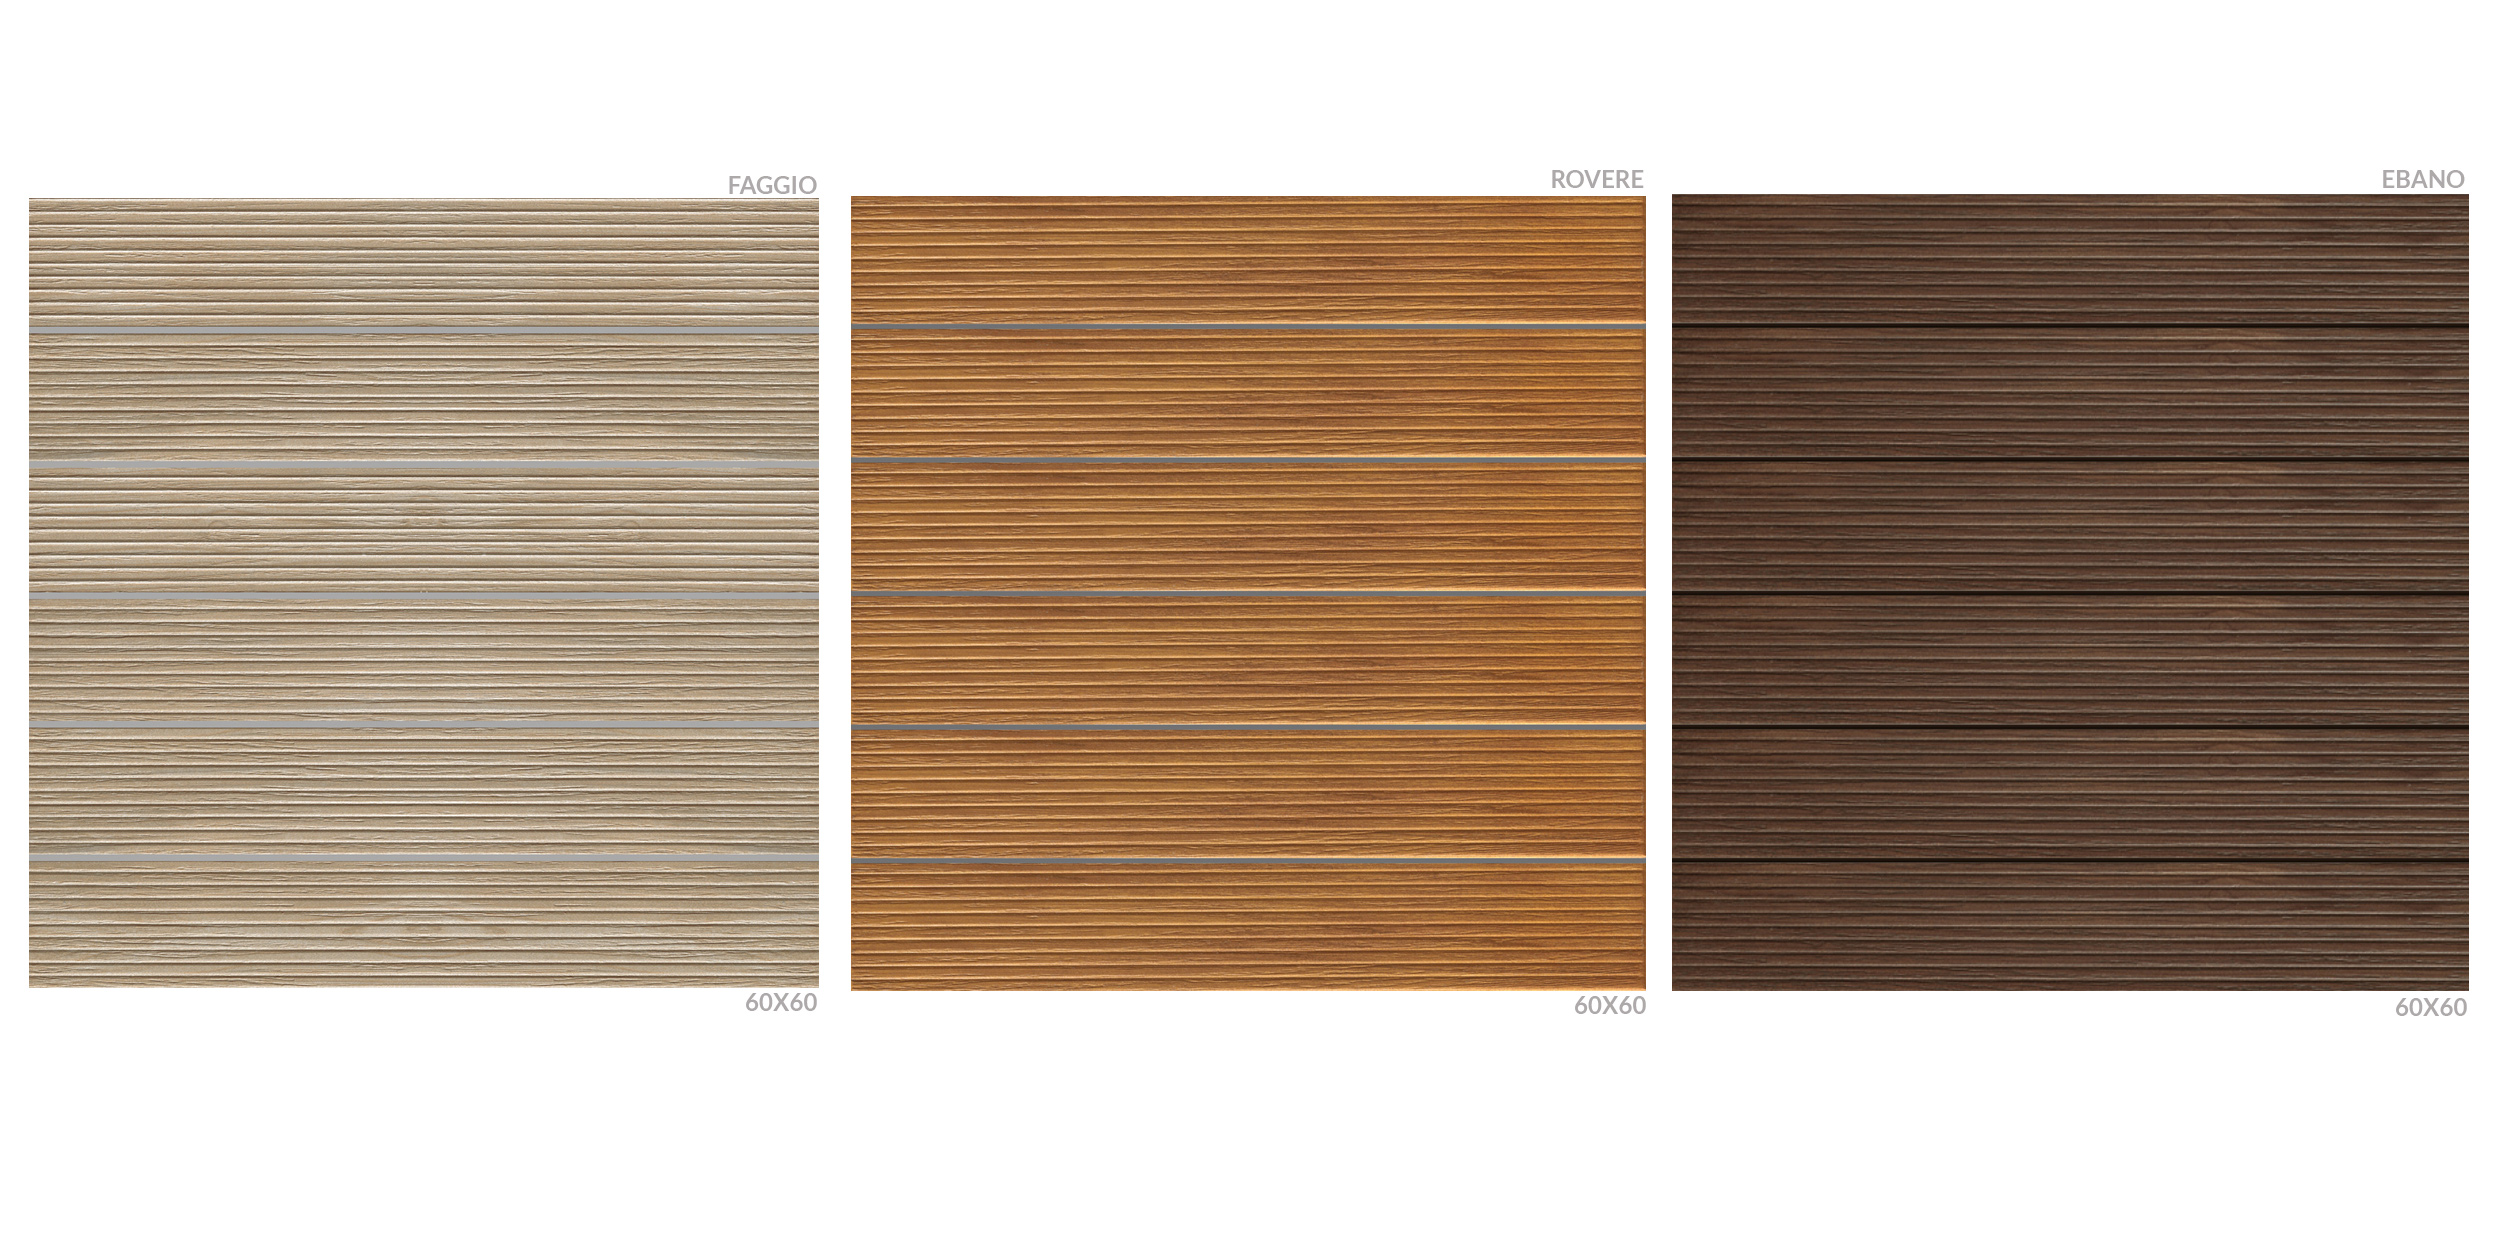 Finitura doghe legno scanalate - linea kronos - il calore del legno ...